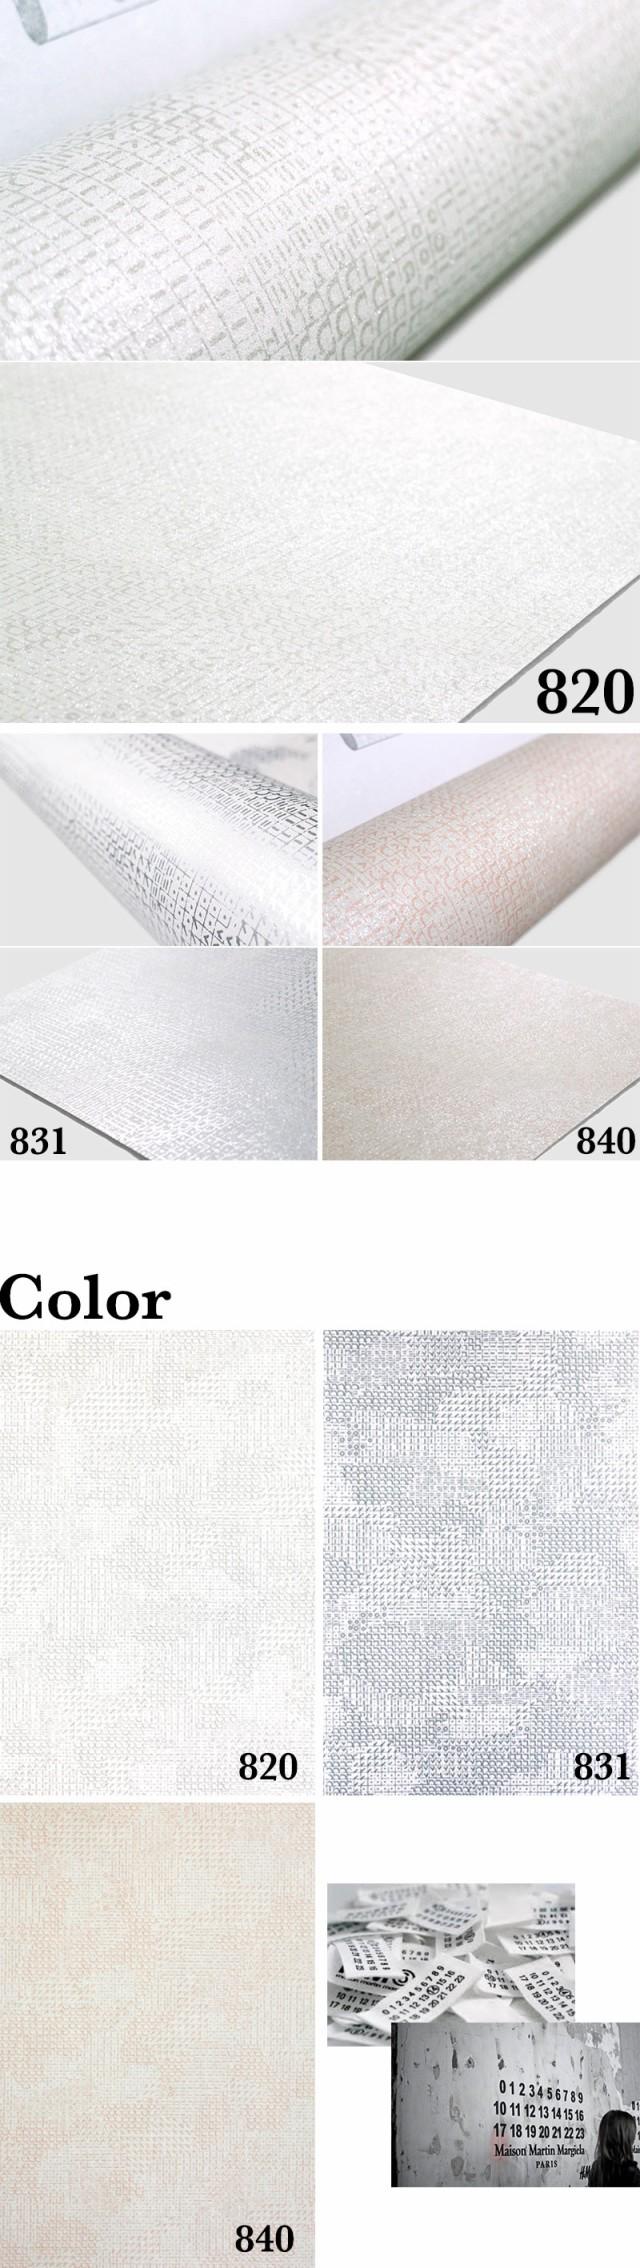 輸入壁紙 フリース壁紙 不織布壁紙 ベルギー製 3color